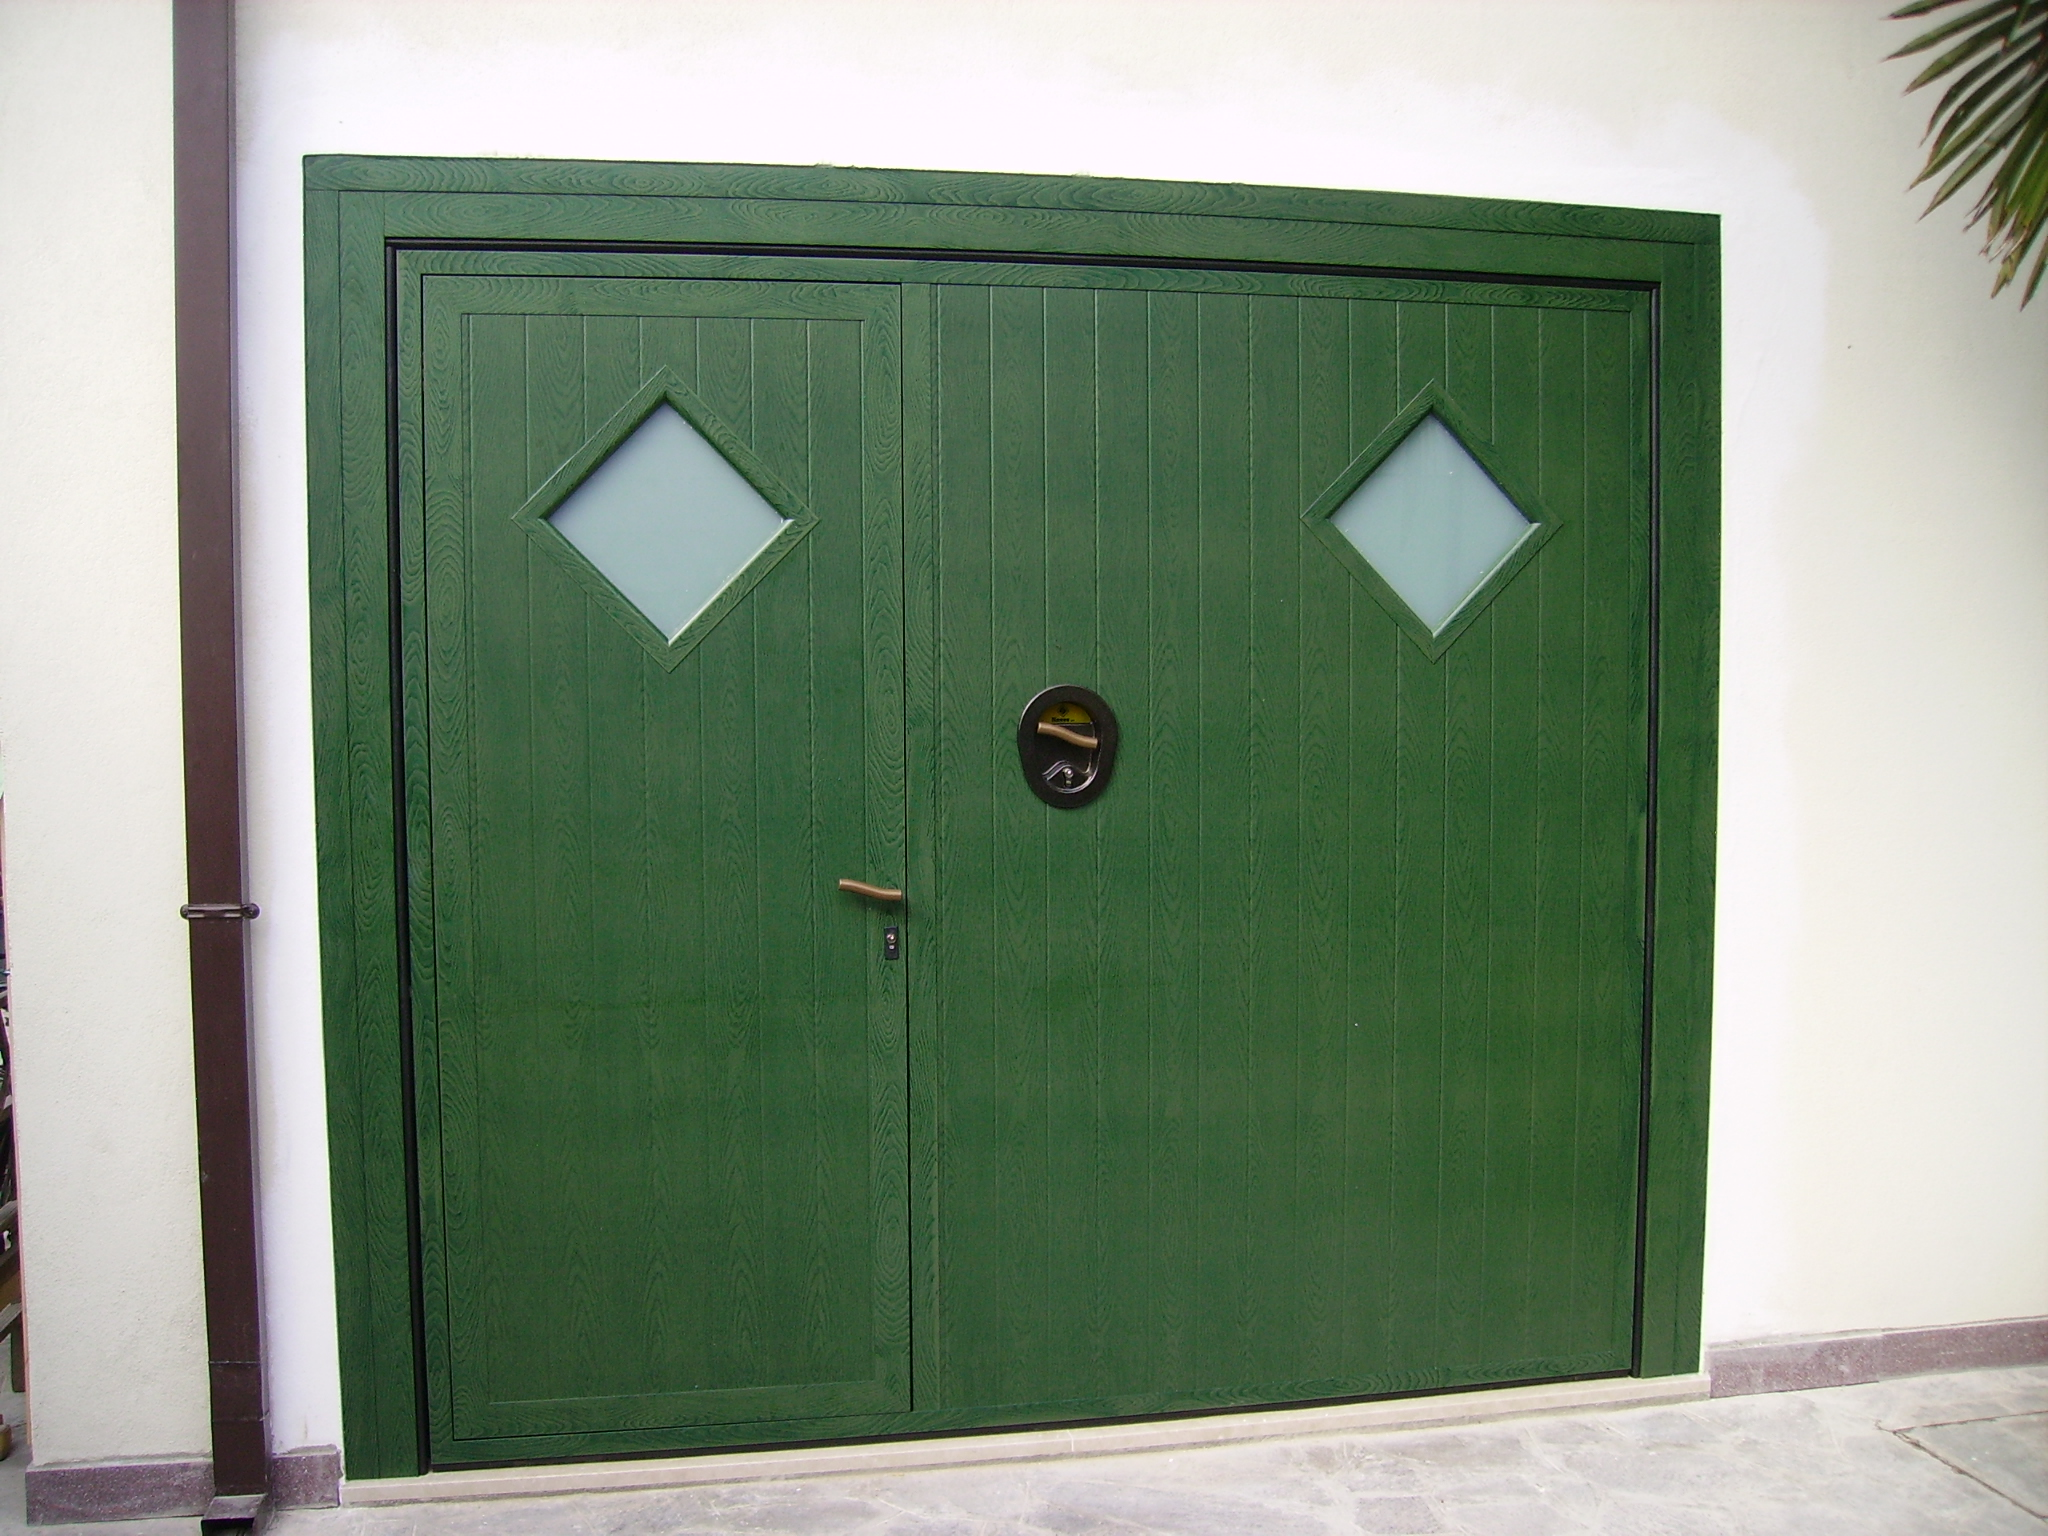 Portoni garage basculanti a verona ferrara padova e rovigo for Porta basculante per cani grandi con microchip